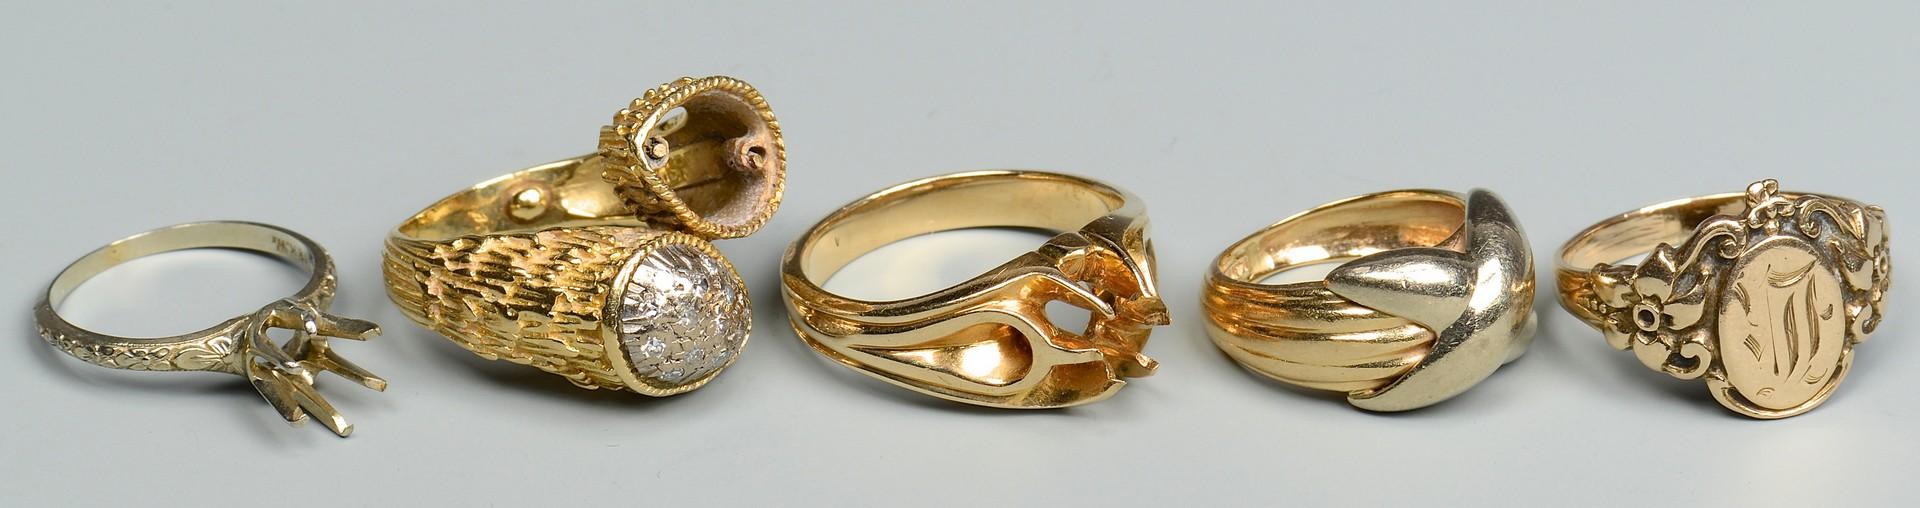 Lot 401: Group of 5 Gold Rings, 10K, 14K, 18K